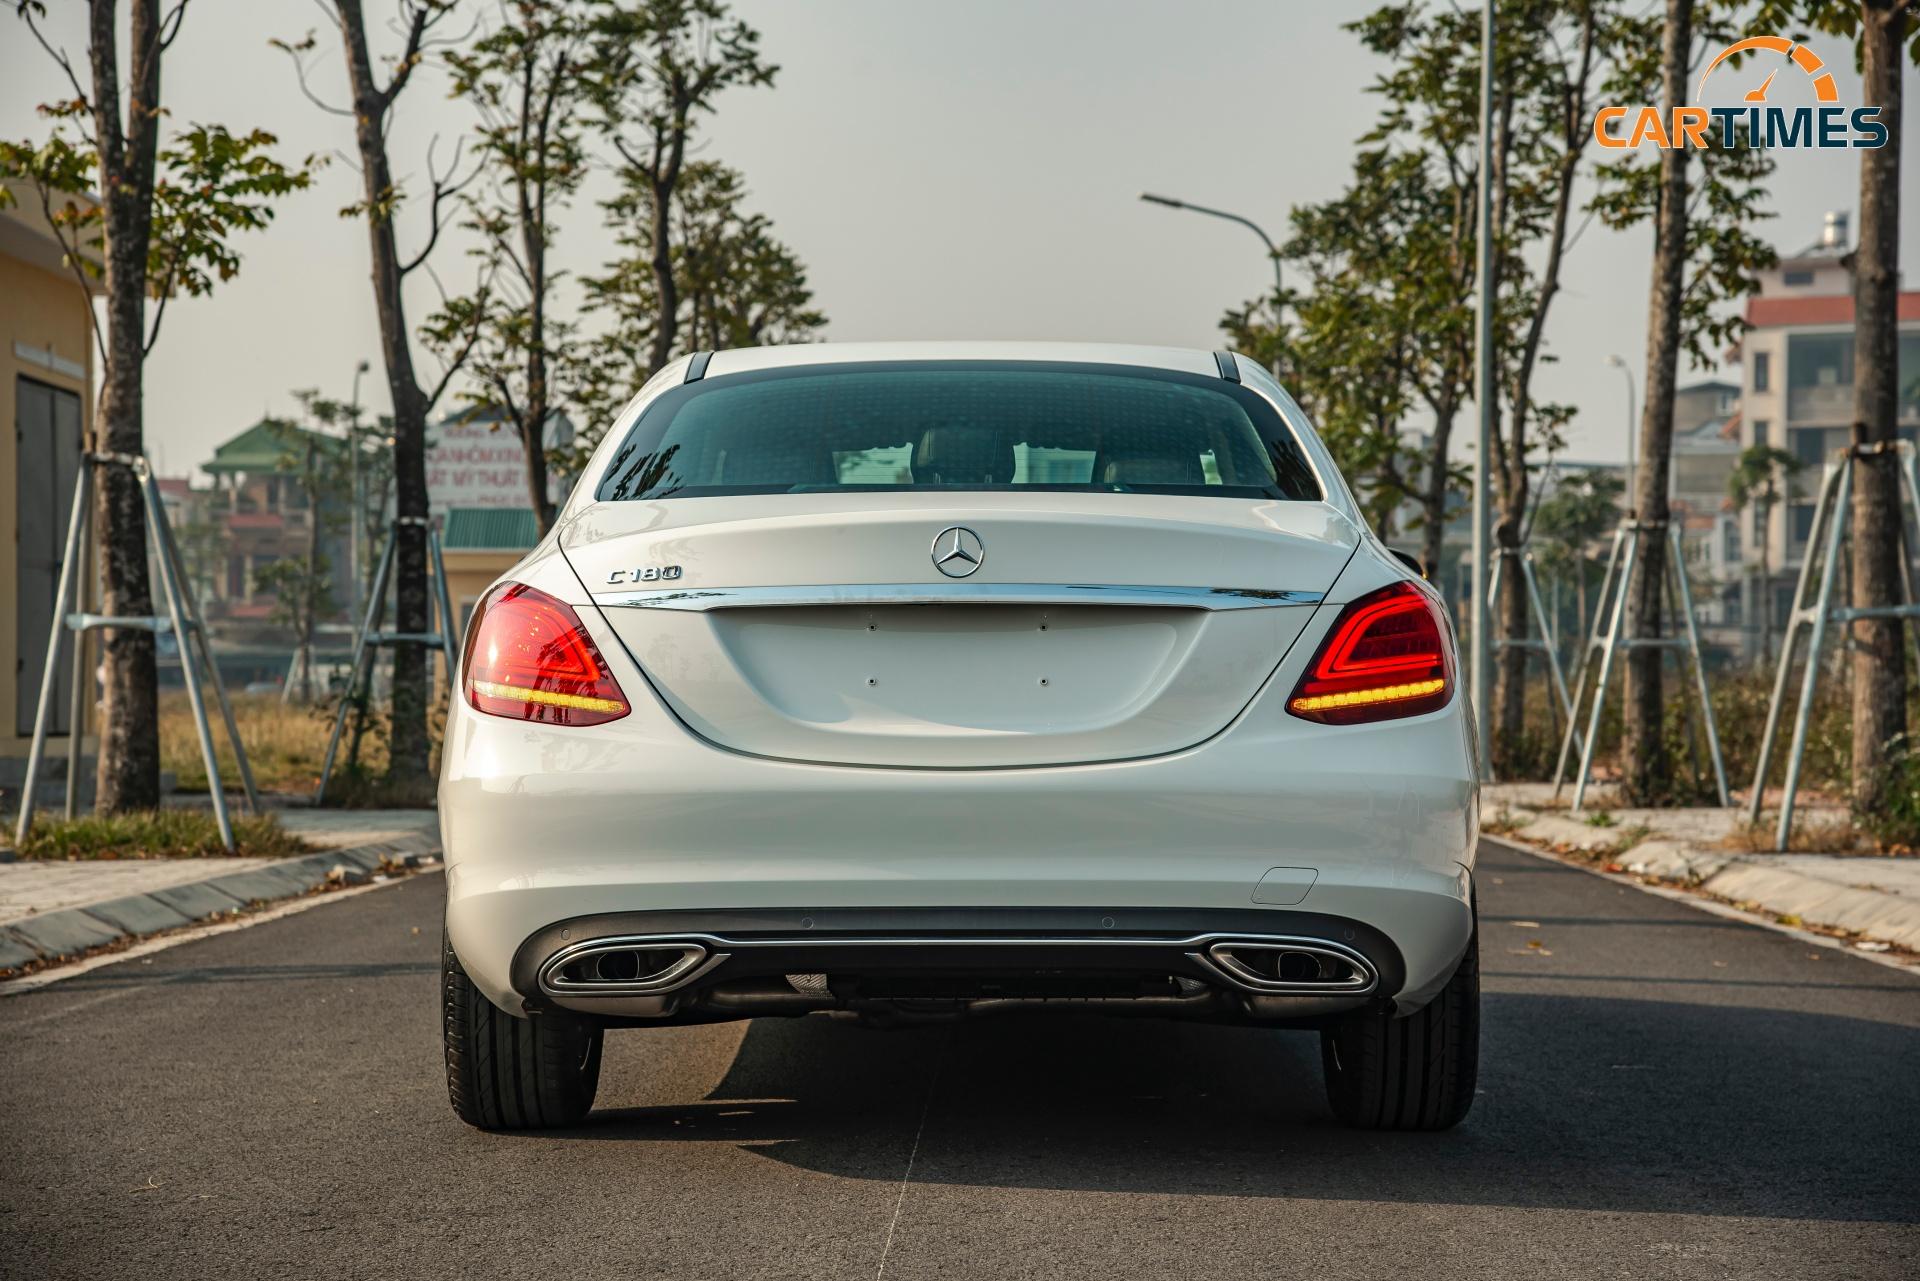 Còn mới tinh tươm, ODO chưa qua 50 km, Mercedes-Benz C 180 2020 đã được rao bán trên thị trường xe cũ -3